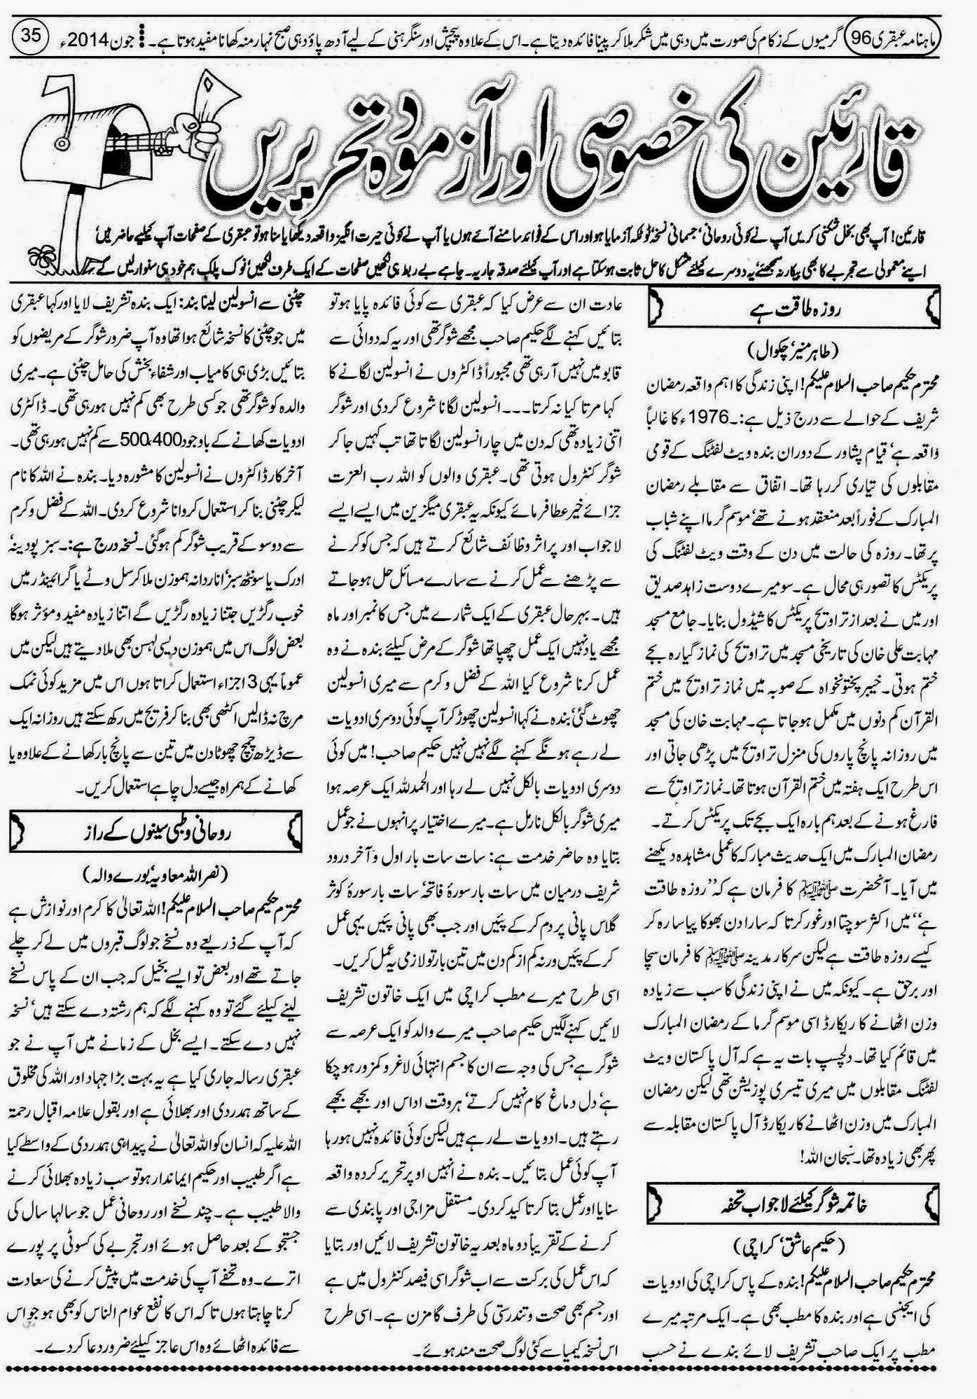 ubqari june 2014 page 35